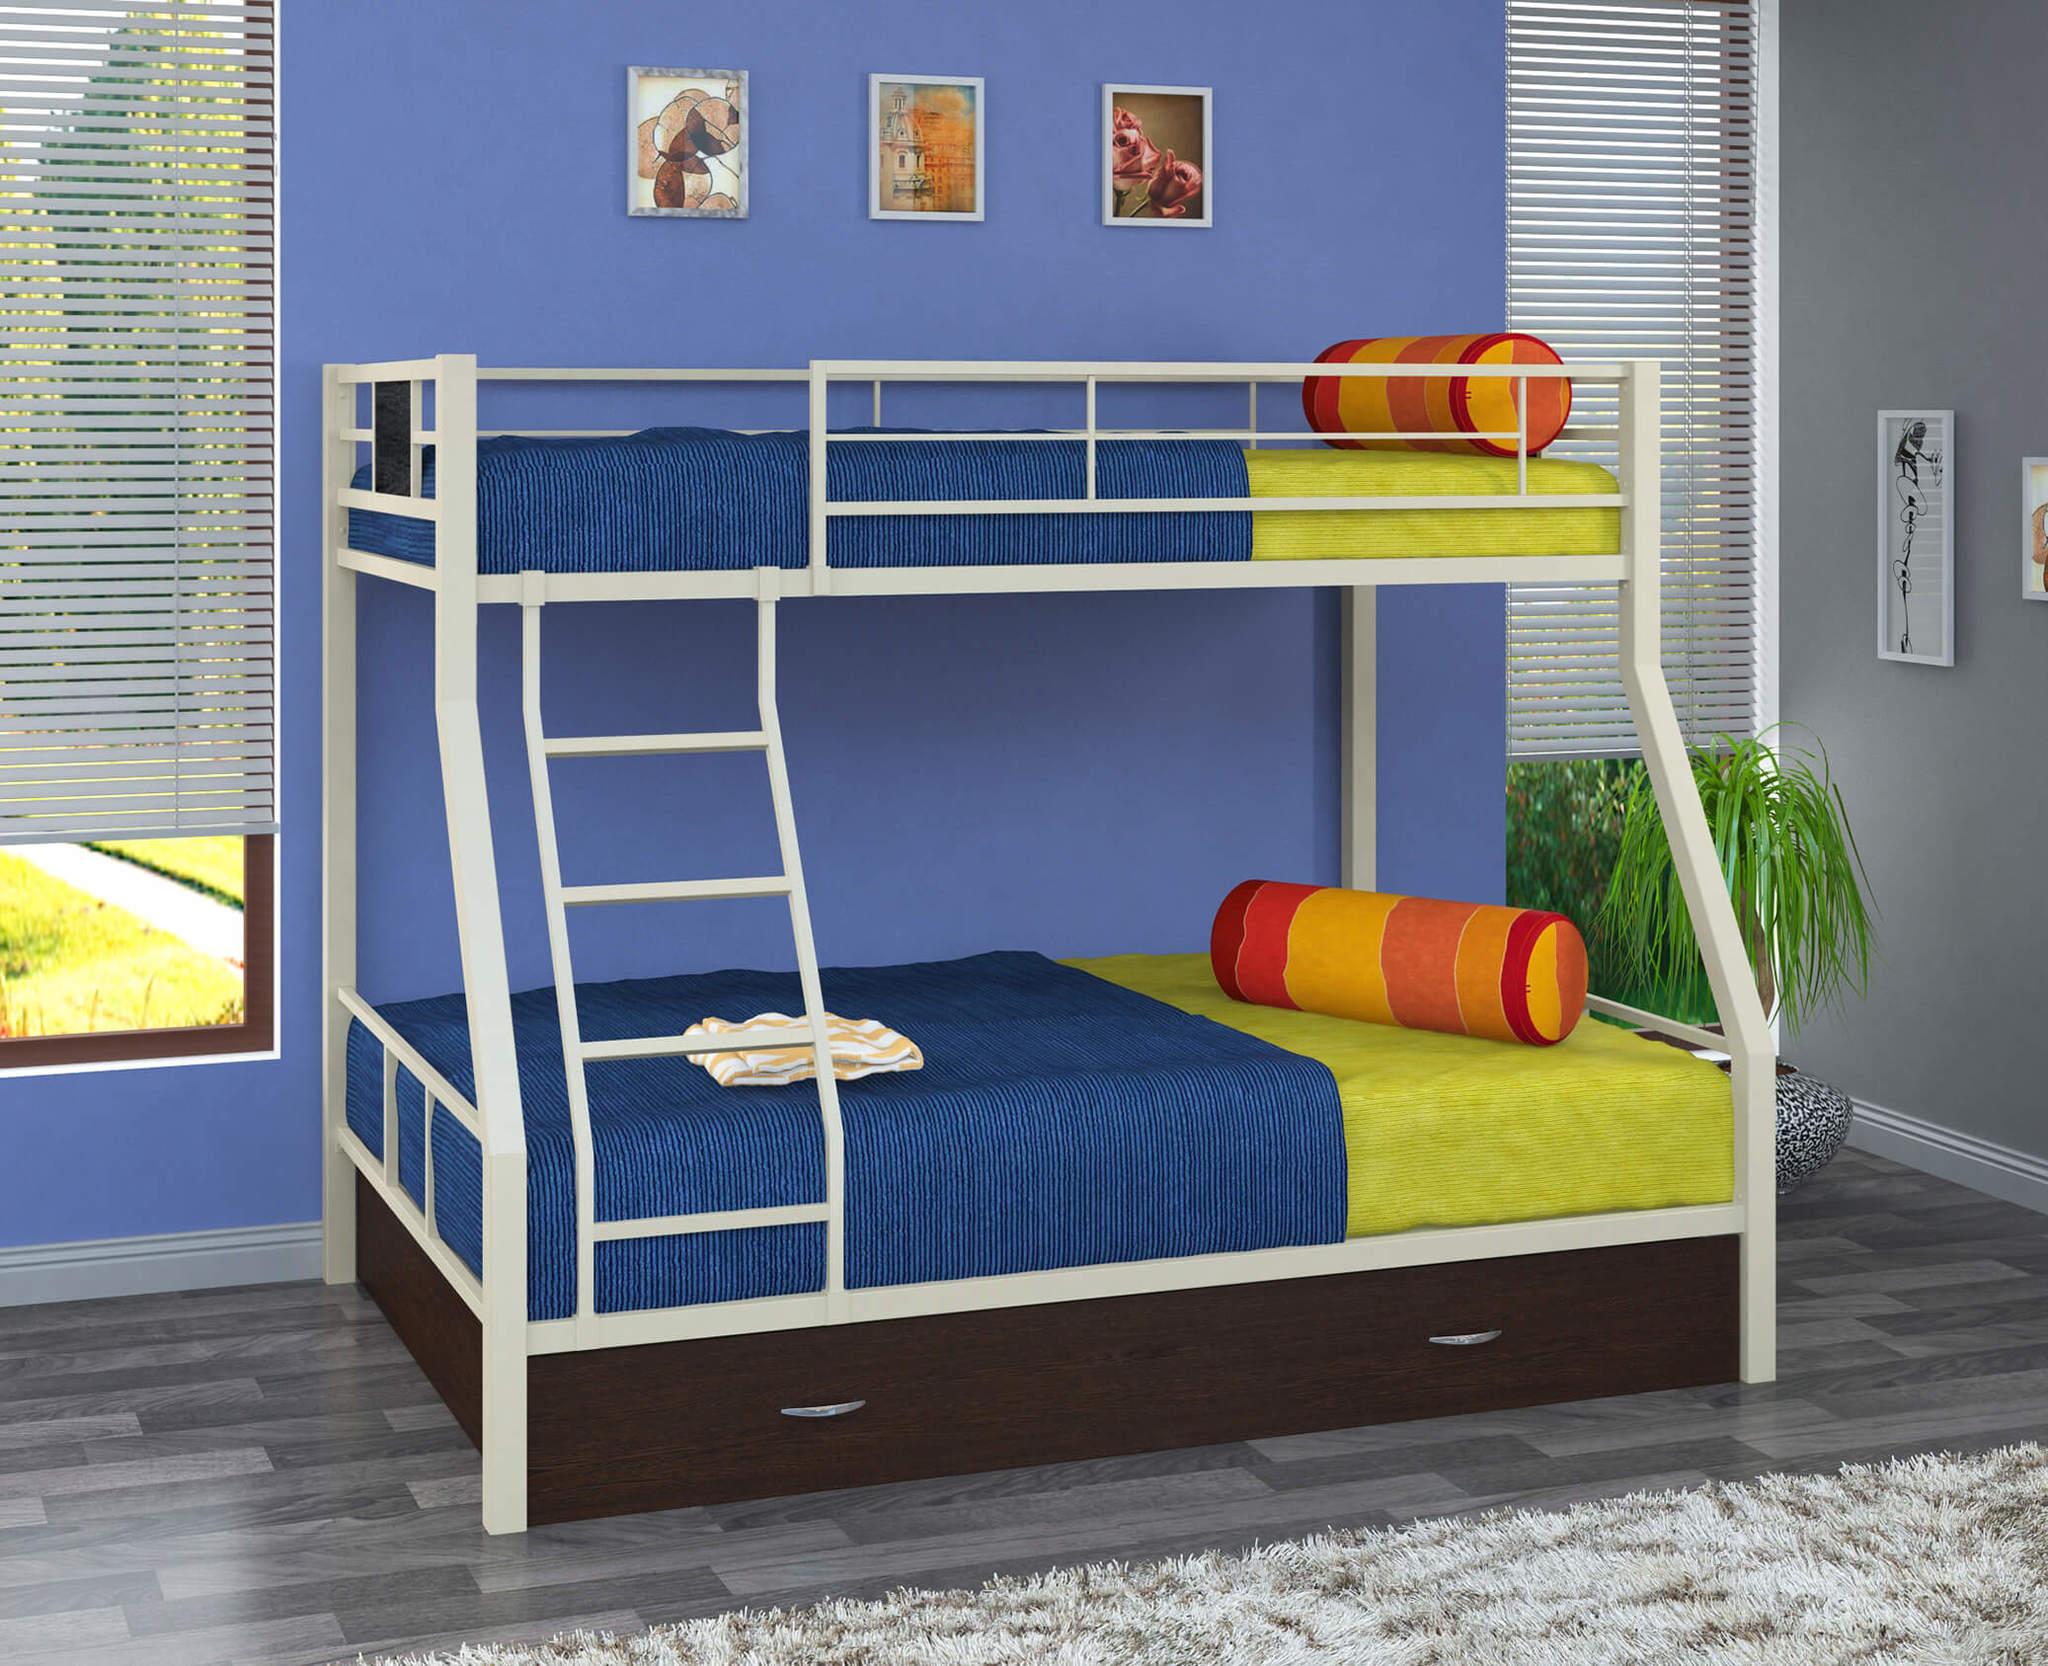 Полный обзор детских кроватей и их конструктивных особенностей